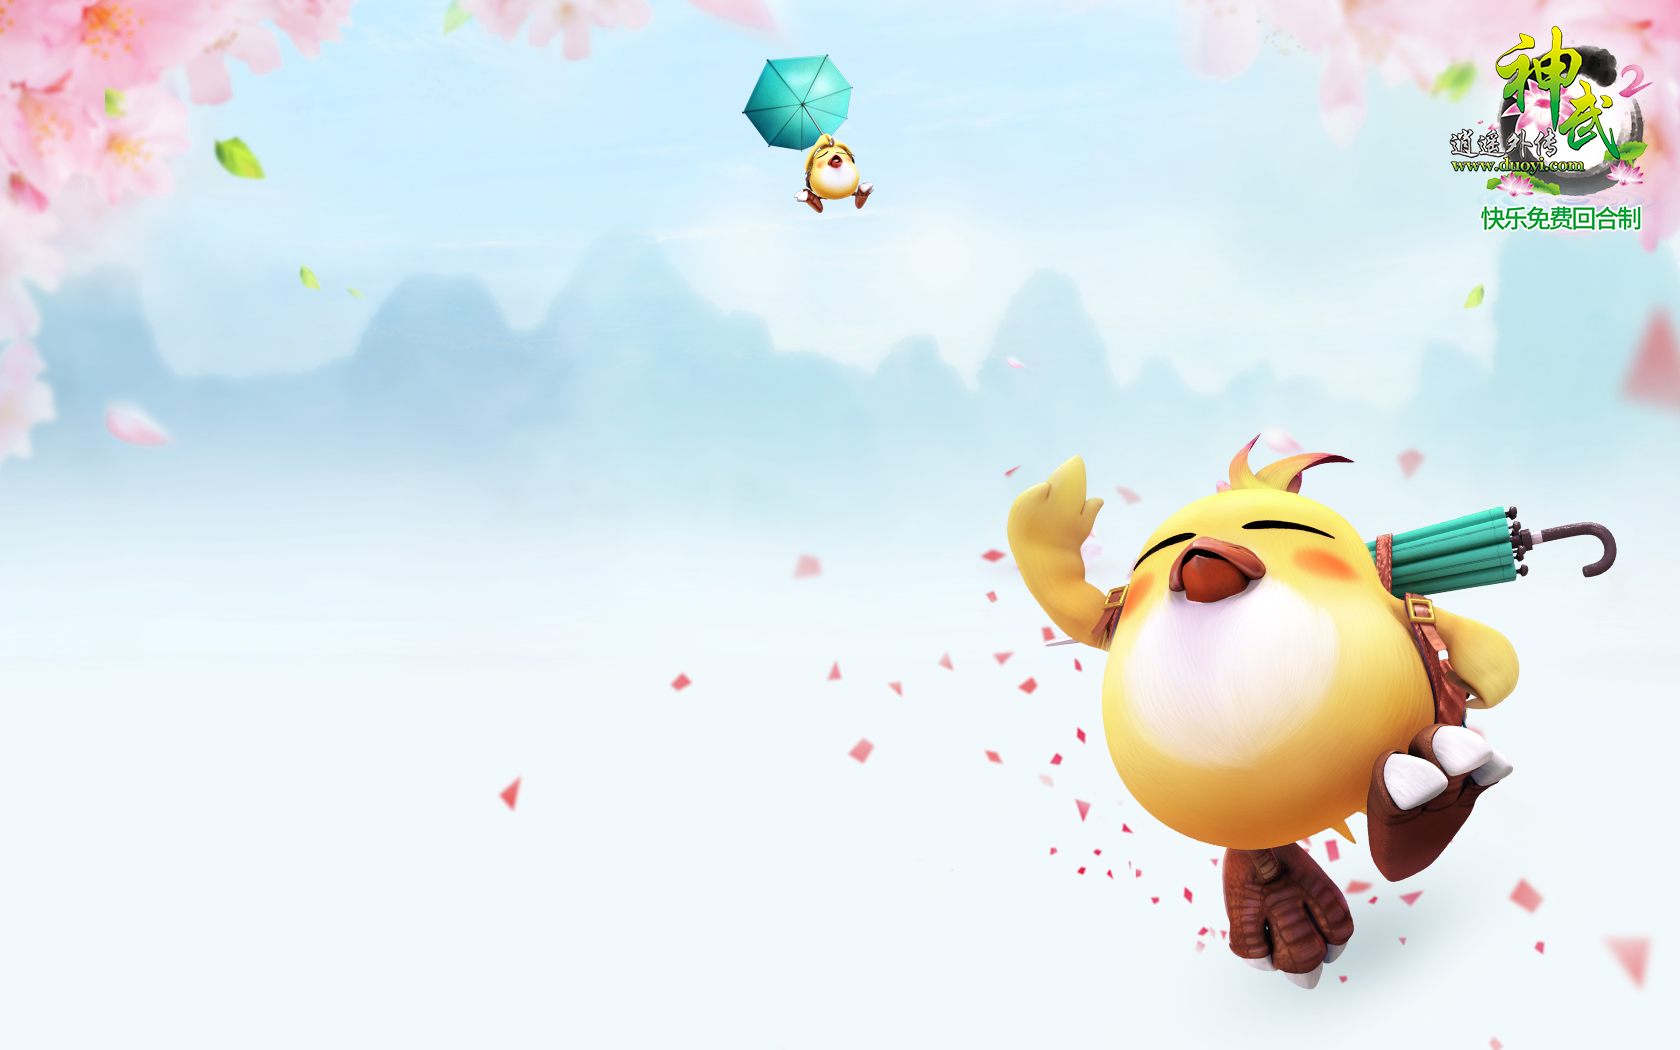 壁纸下载:《神武》官网-2014年最新免费网络游戏 回合